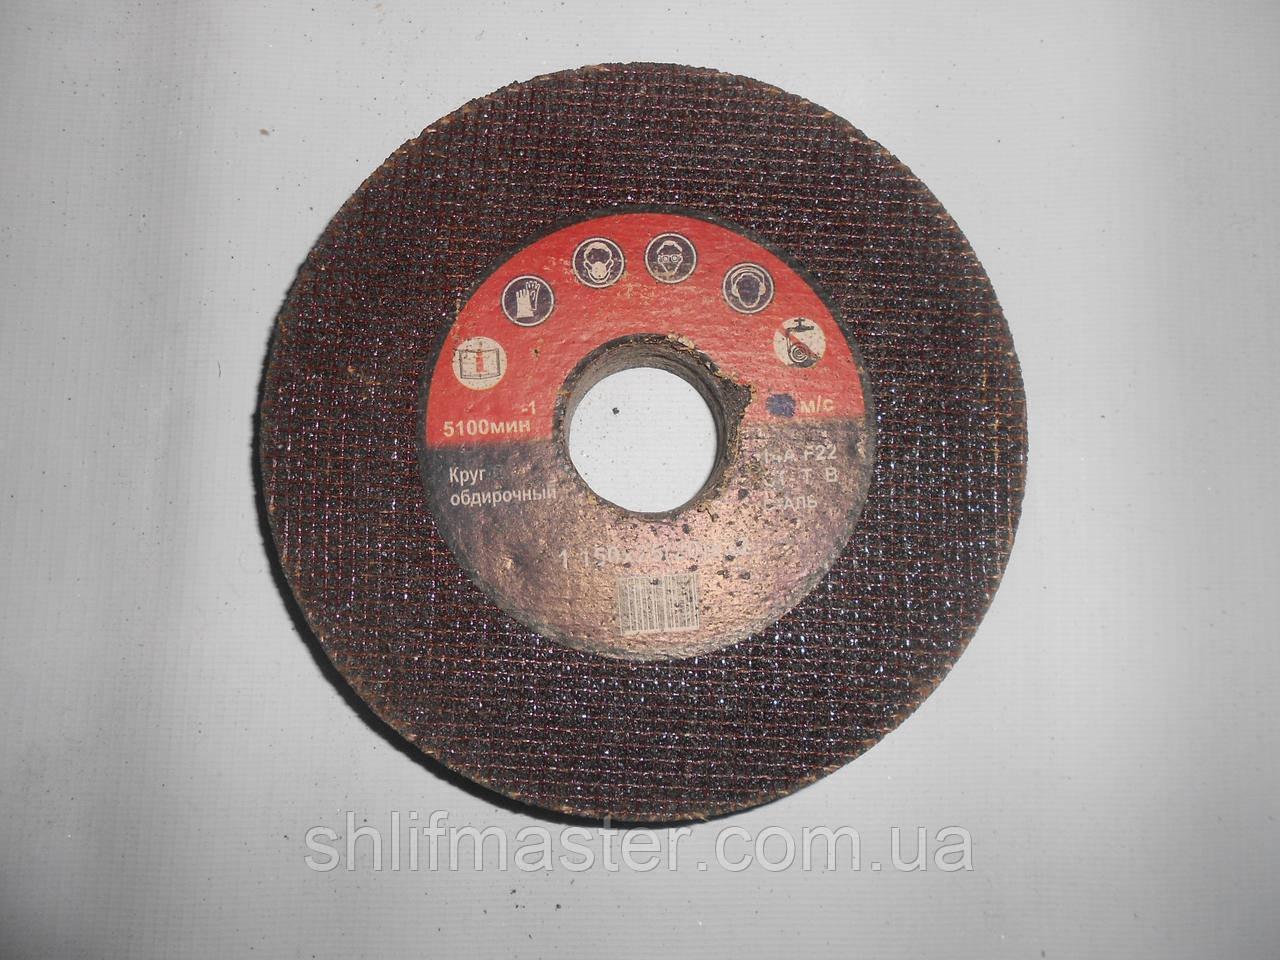 Круг шлифовальный бакелитовый 54С ПП 150х32х32 80 ВТ бакелит